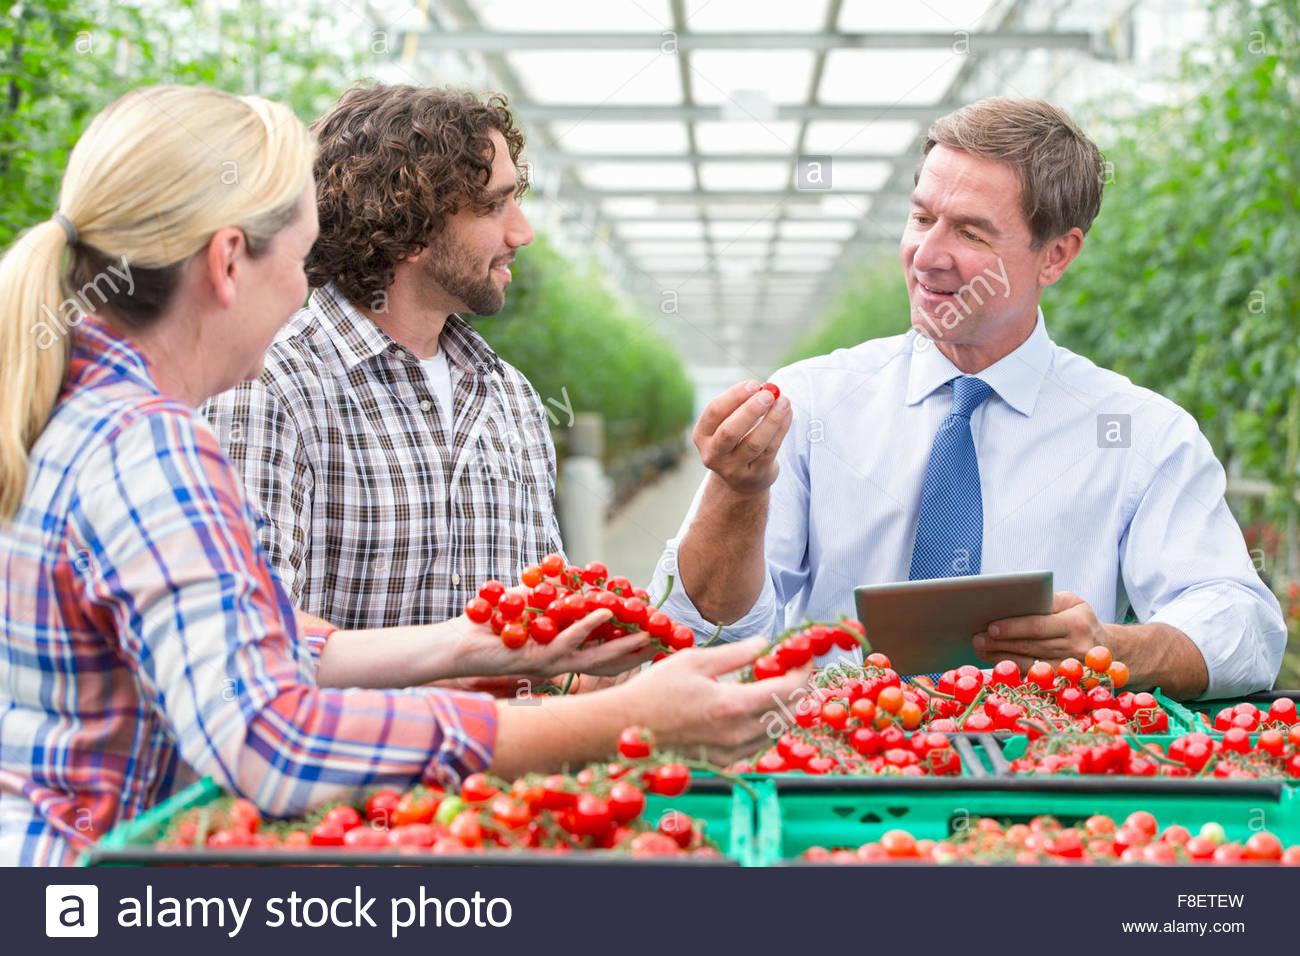 Businessman with digital tablet et les cultivateurs de tomates rouges mûres de l'inspection des émissions Photo Stock